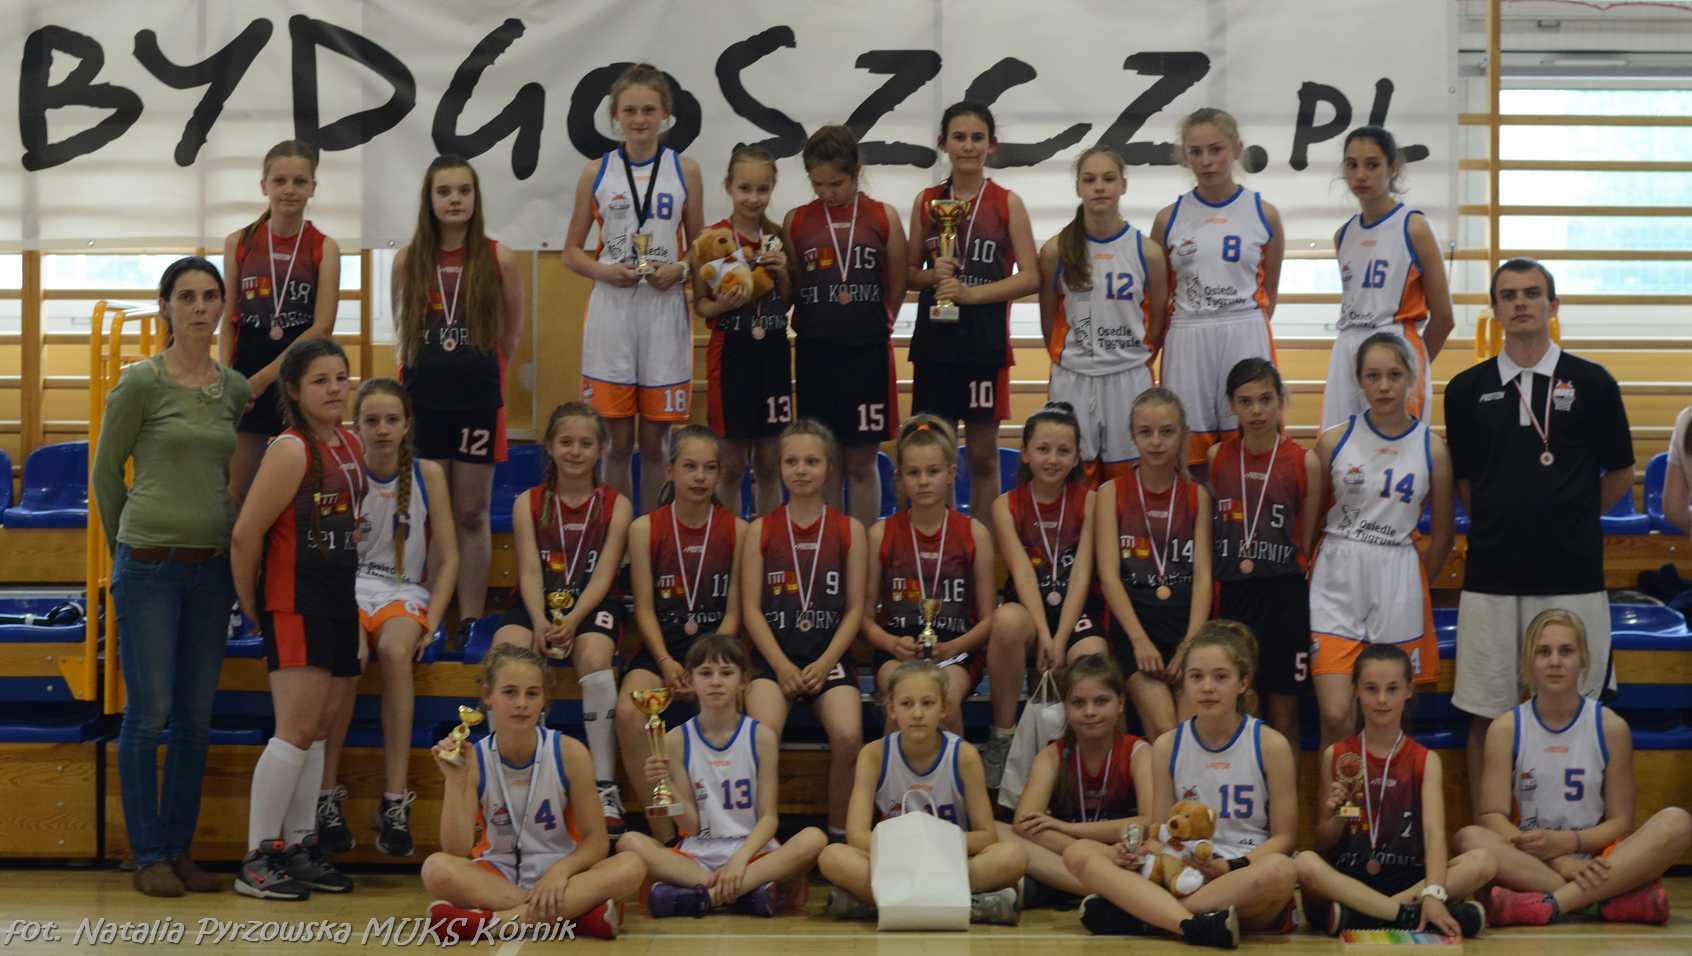 MUKS Kórnik na turnieju w Bydgoszczy